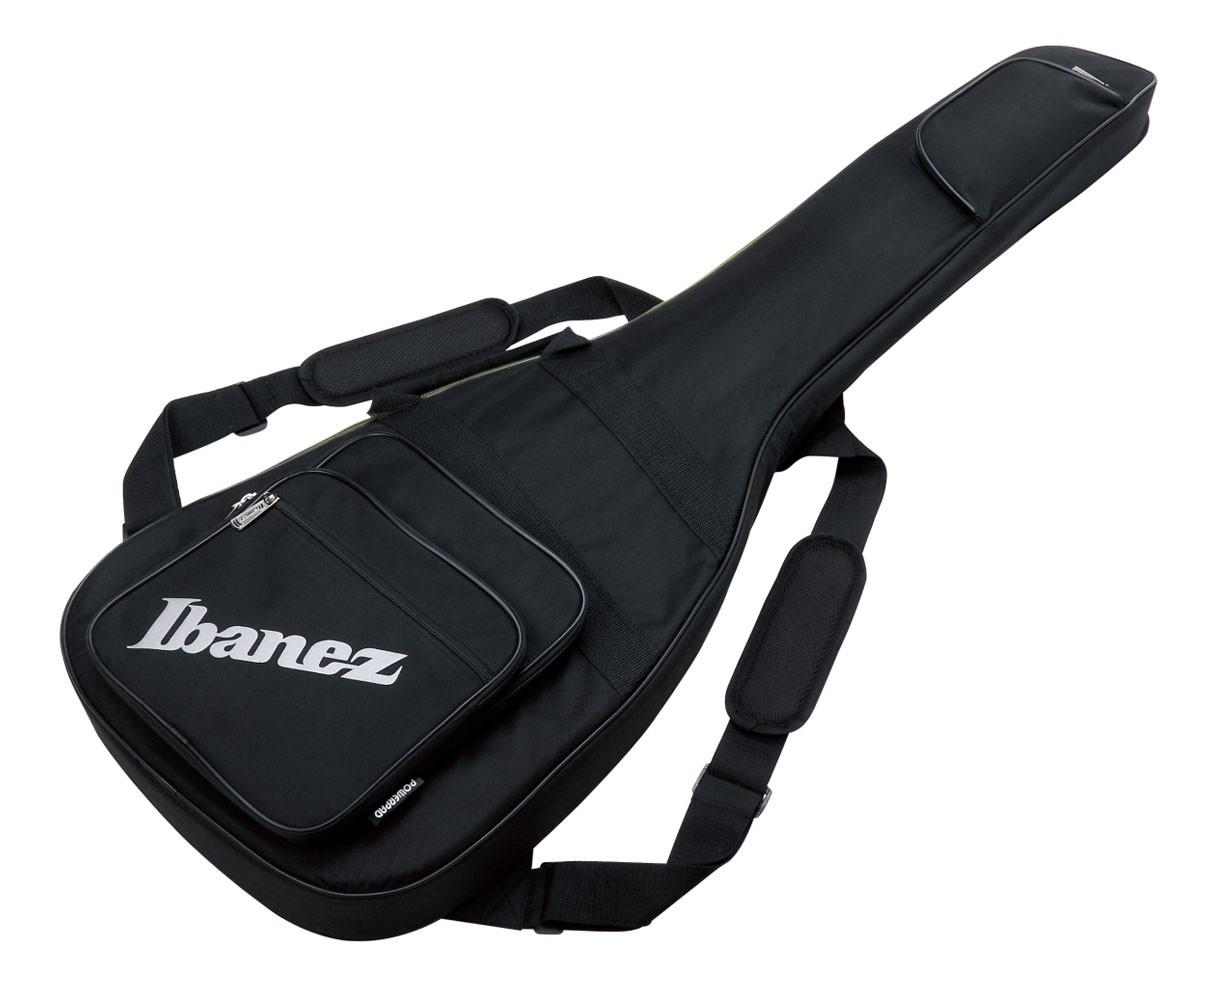 Ibanez IGB510-BK